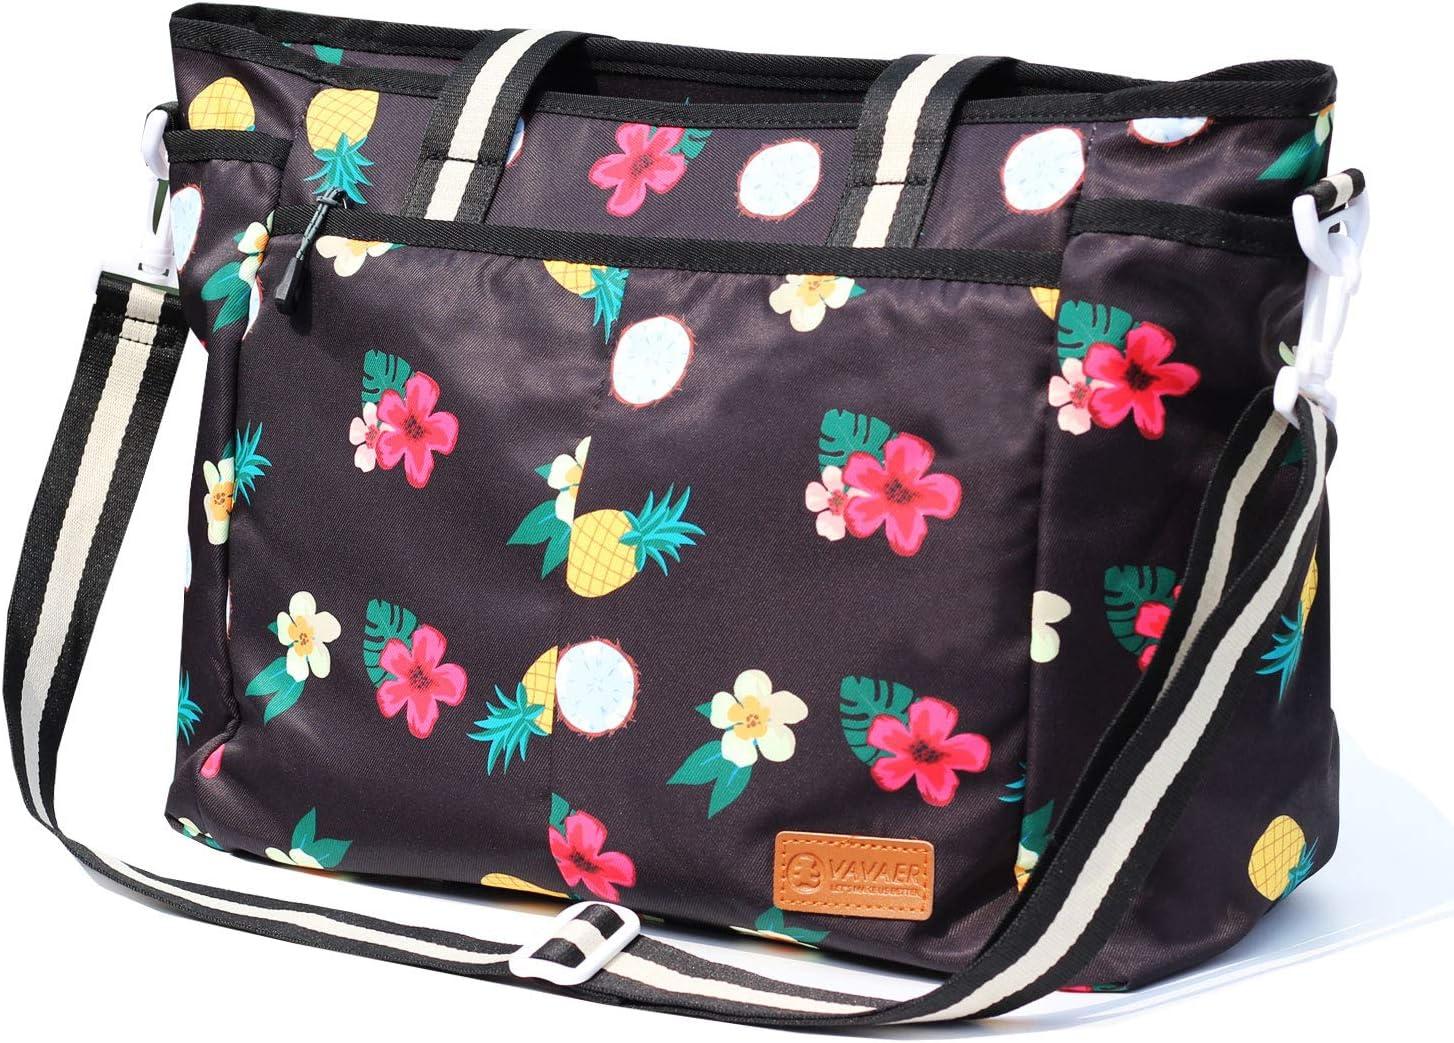 VAVAER Women Ladies Weekender Bag Lightweight Gym Tote Overnight Carry-on Tote Waterproof Duffel in Trolley Handle